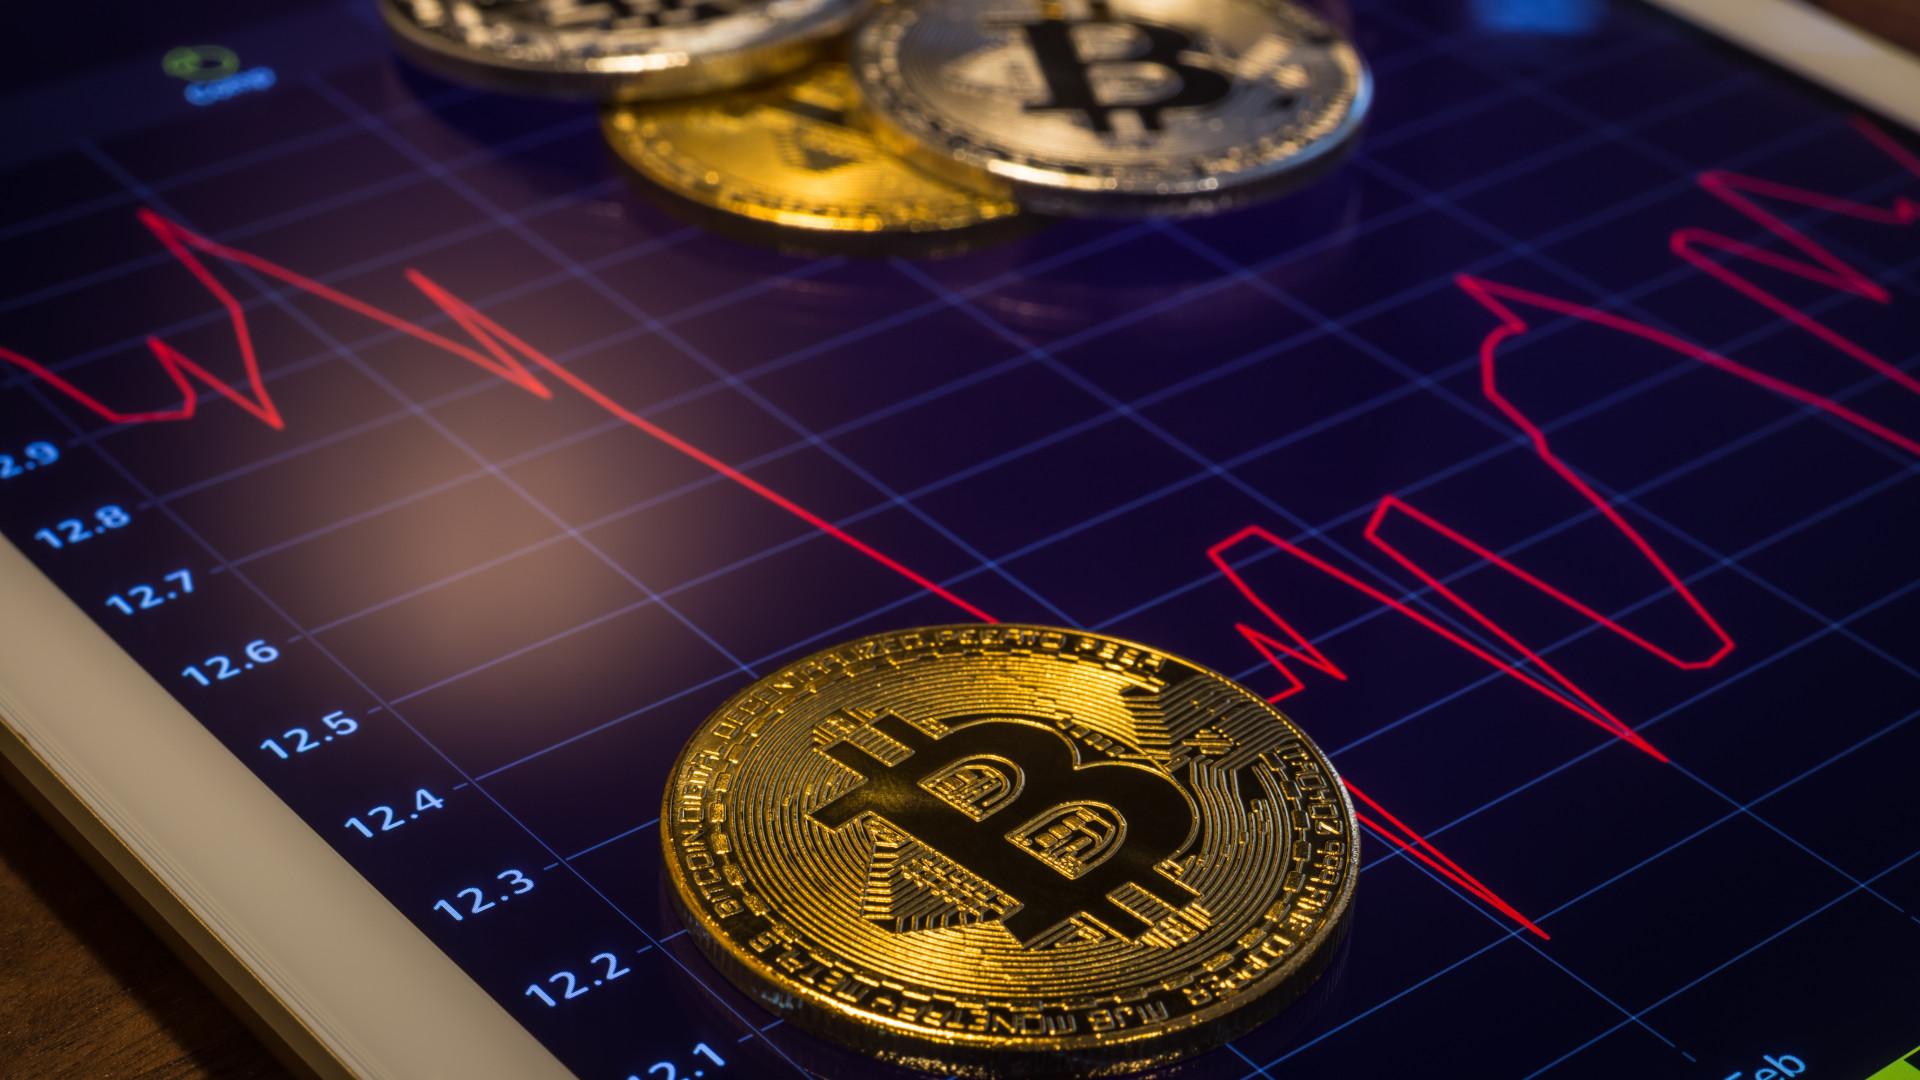 A bitcoin jövedelmező most, Új pénz veszélyezteti a klímavédelmet - globalgarden.hu